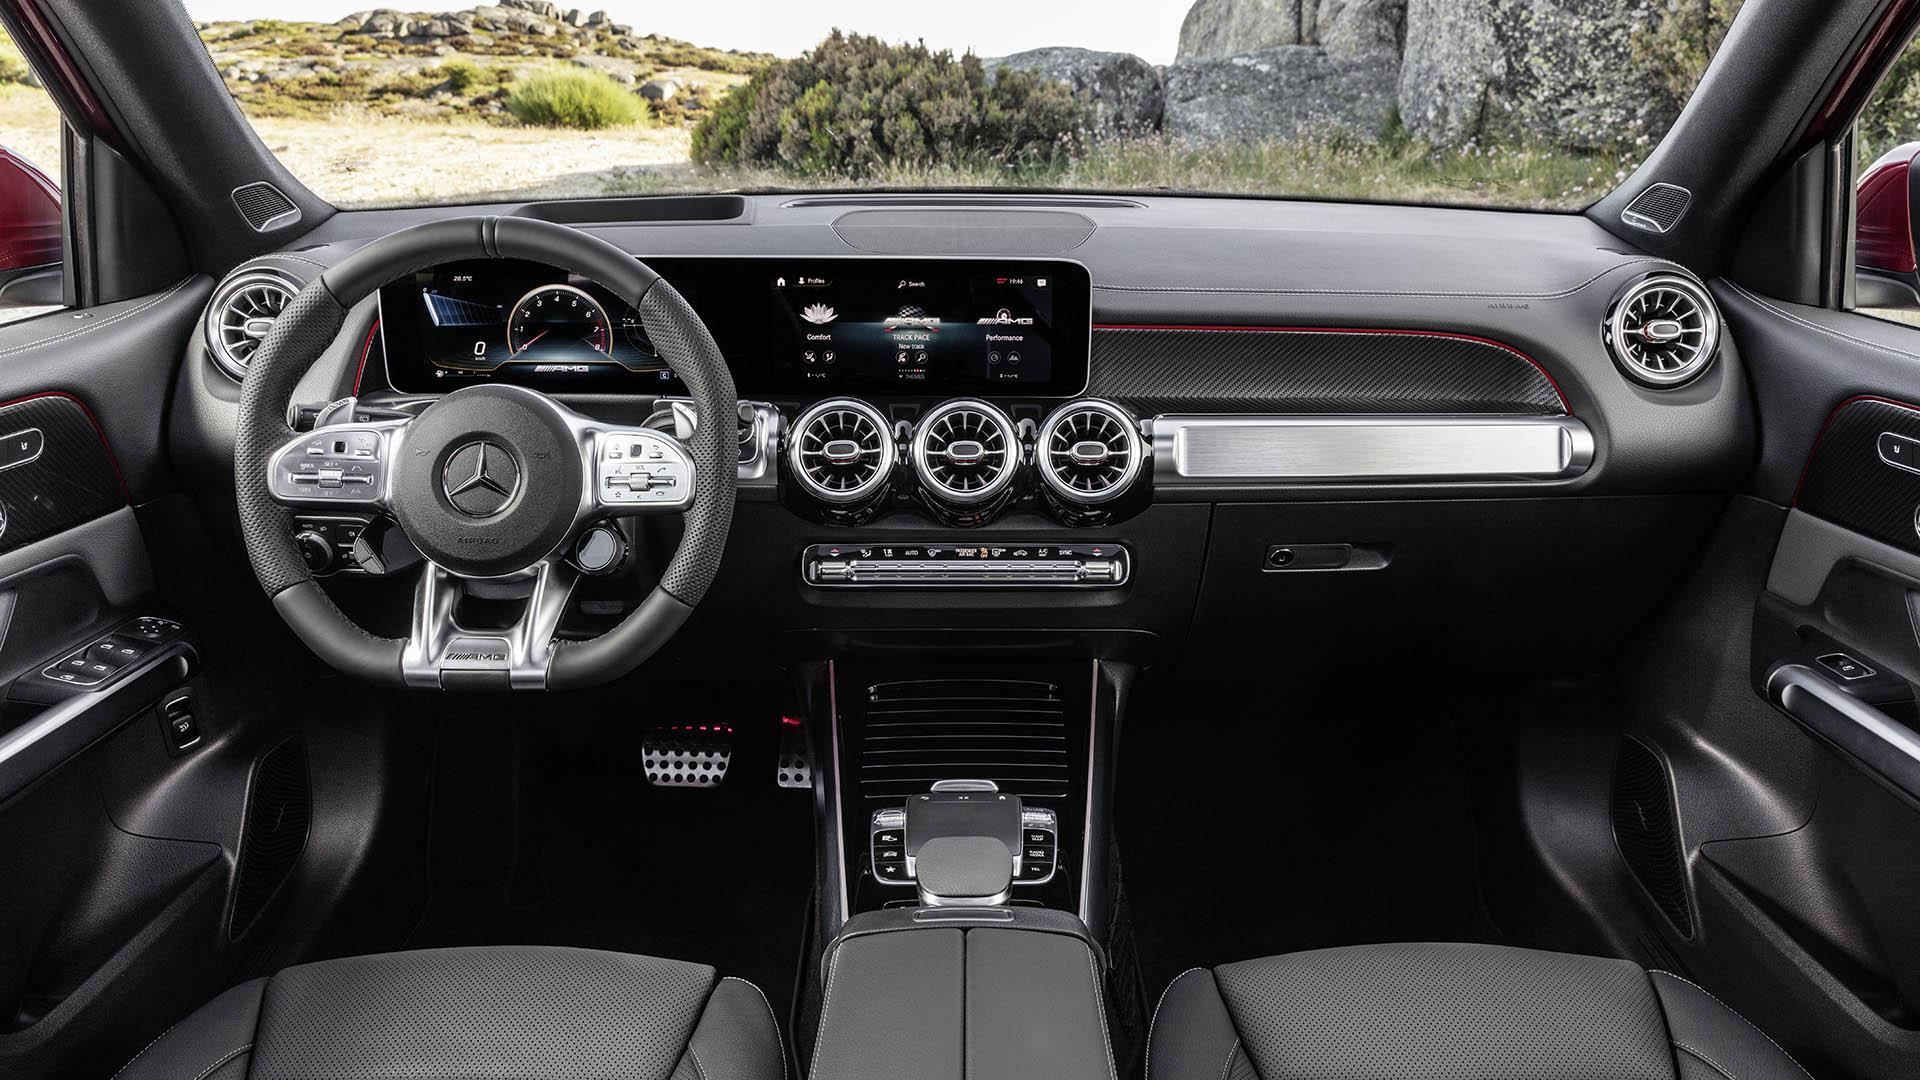 Mercedes-AMG GLB 35 4MATIC ra mắt tại Việt Nam, giá 2,69 tỷ đồng khoang-lai-glb-35-4matic-dam-chat-hien-dai.jpeg